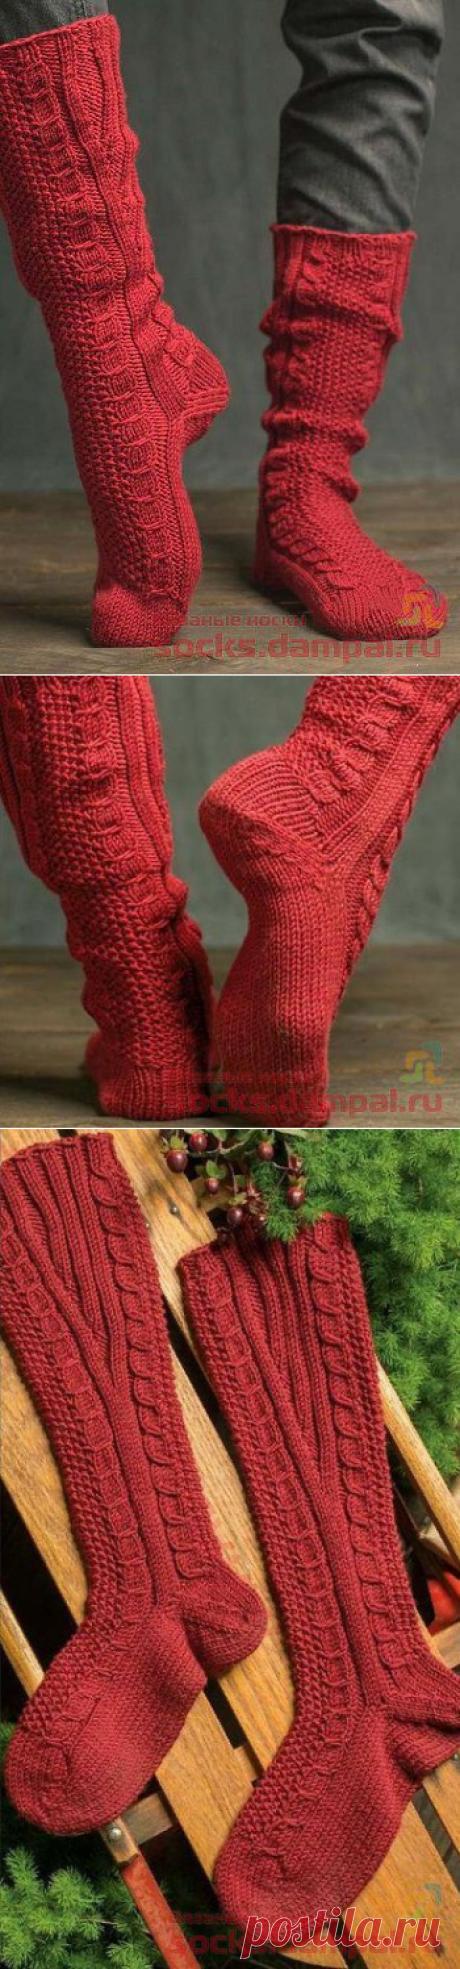 Высокие носки «Cable & Seed Knee» | ВЯЗАНЫЕ НОСКИ